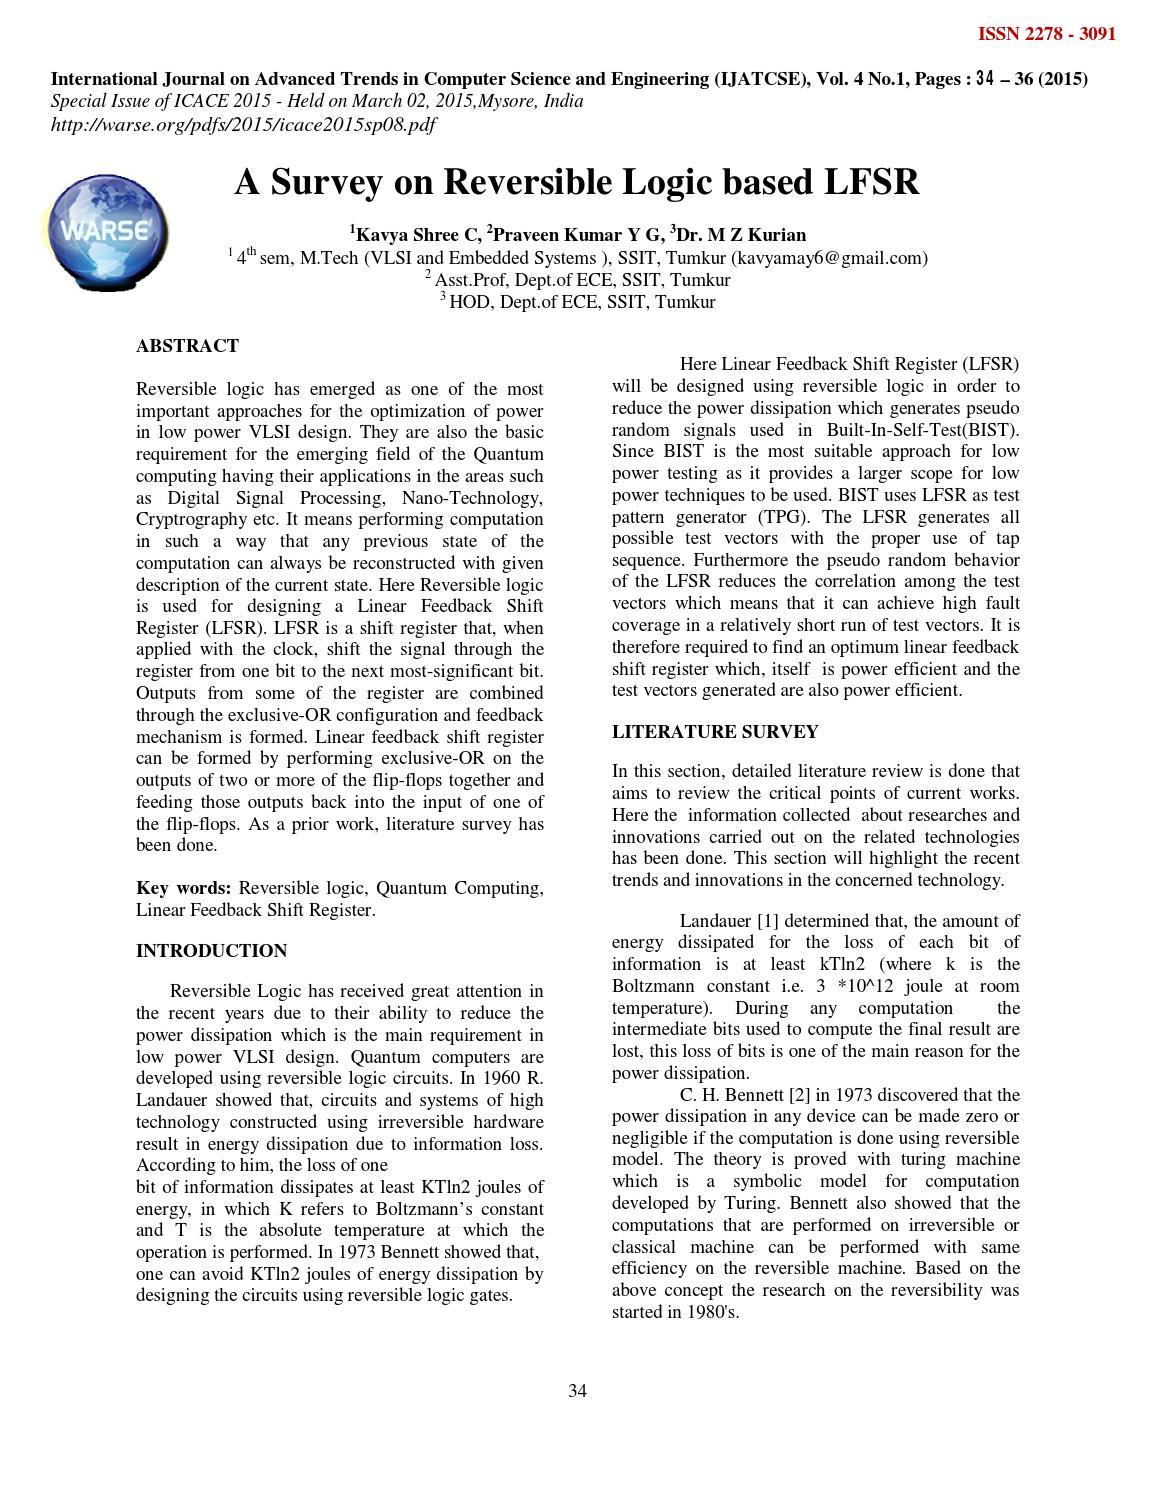 Analysis Of Multiplier Circuit Using Reversible Logic